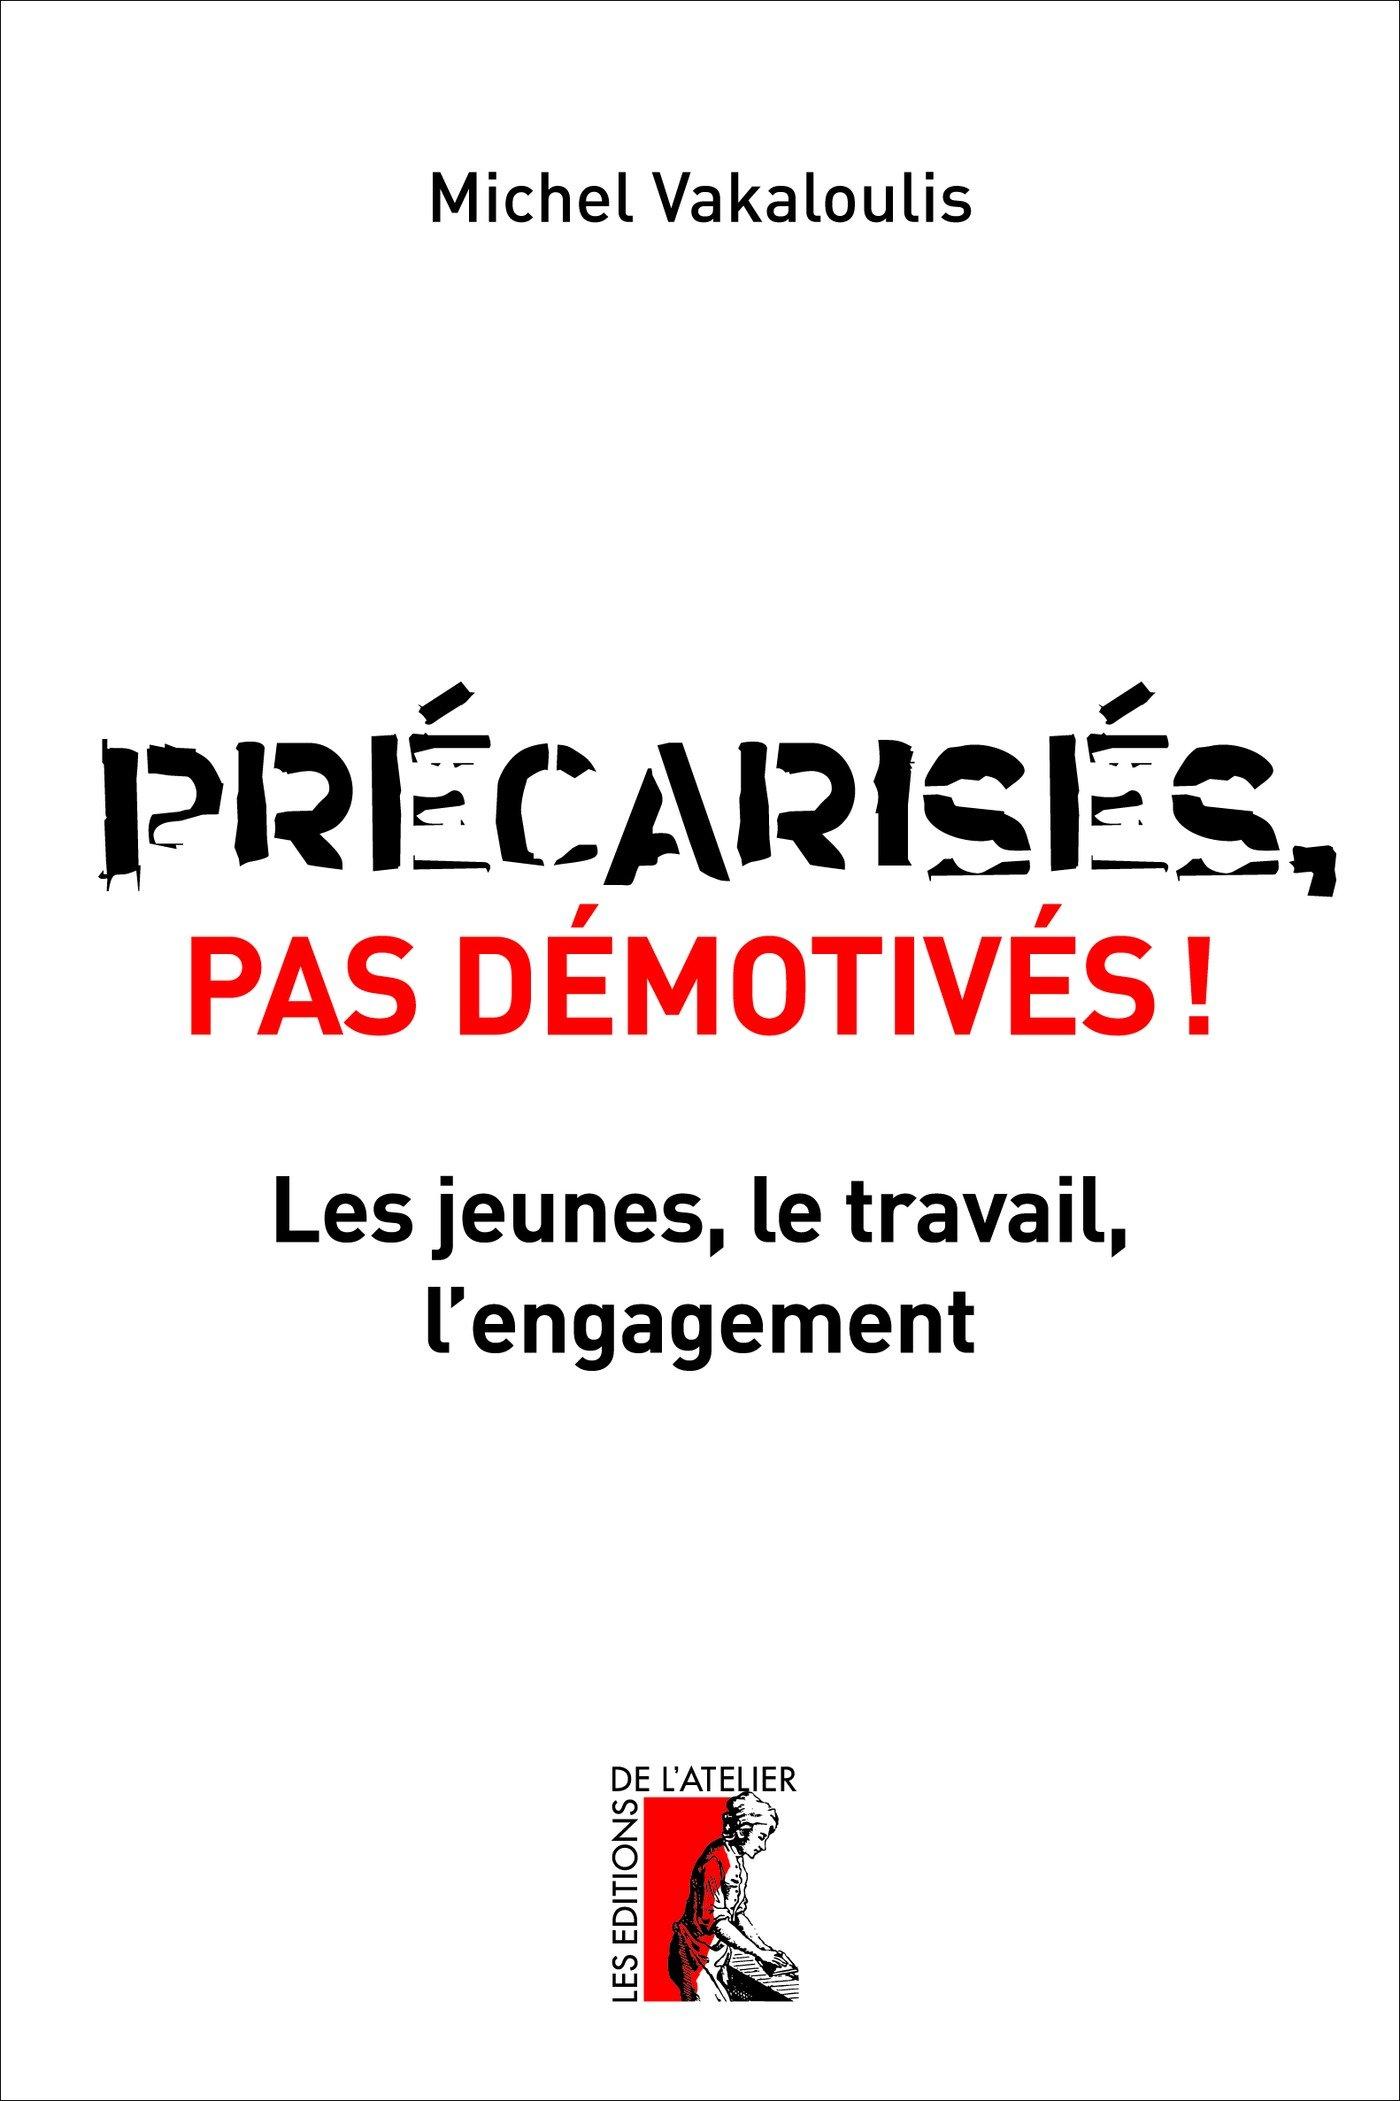 Précarisés, pas démotivés: Les jeunes, le travail, l'engagement (SOCIAL ECO H C) (French Edition)